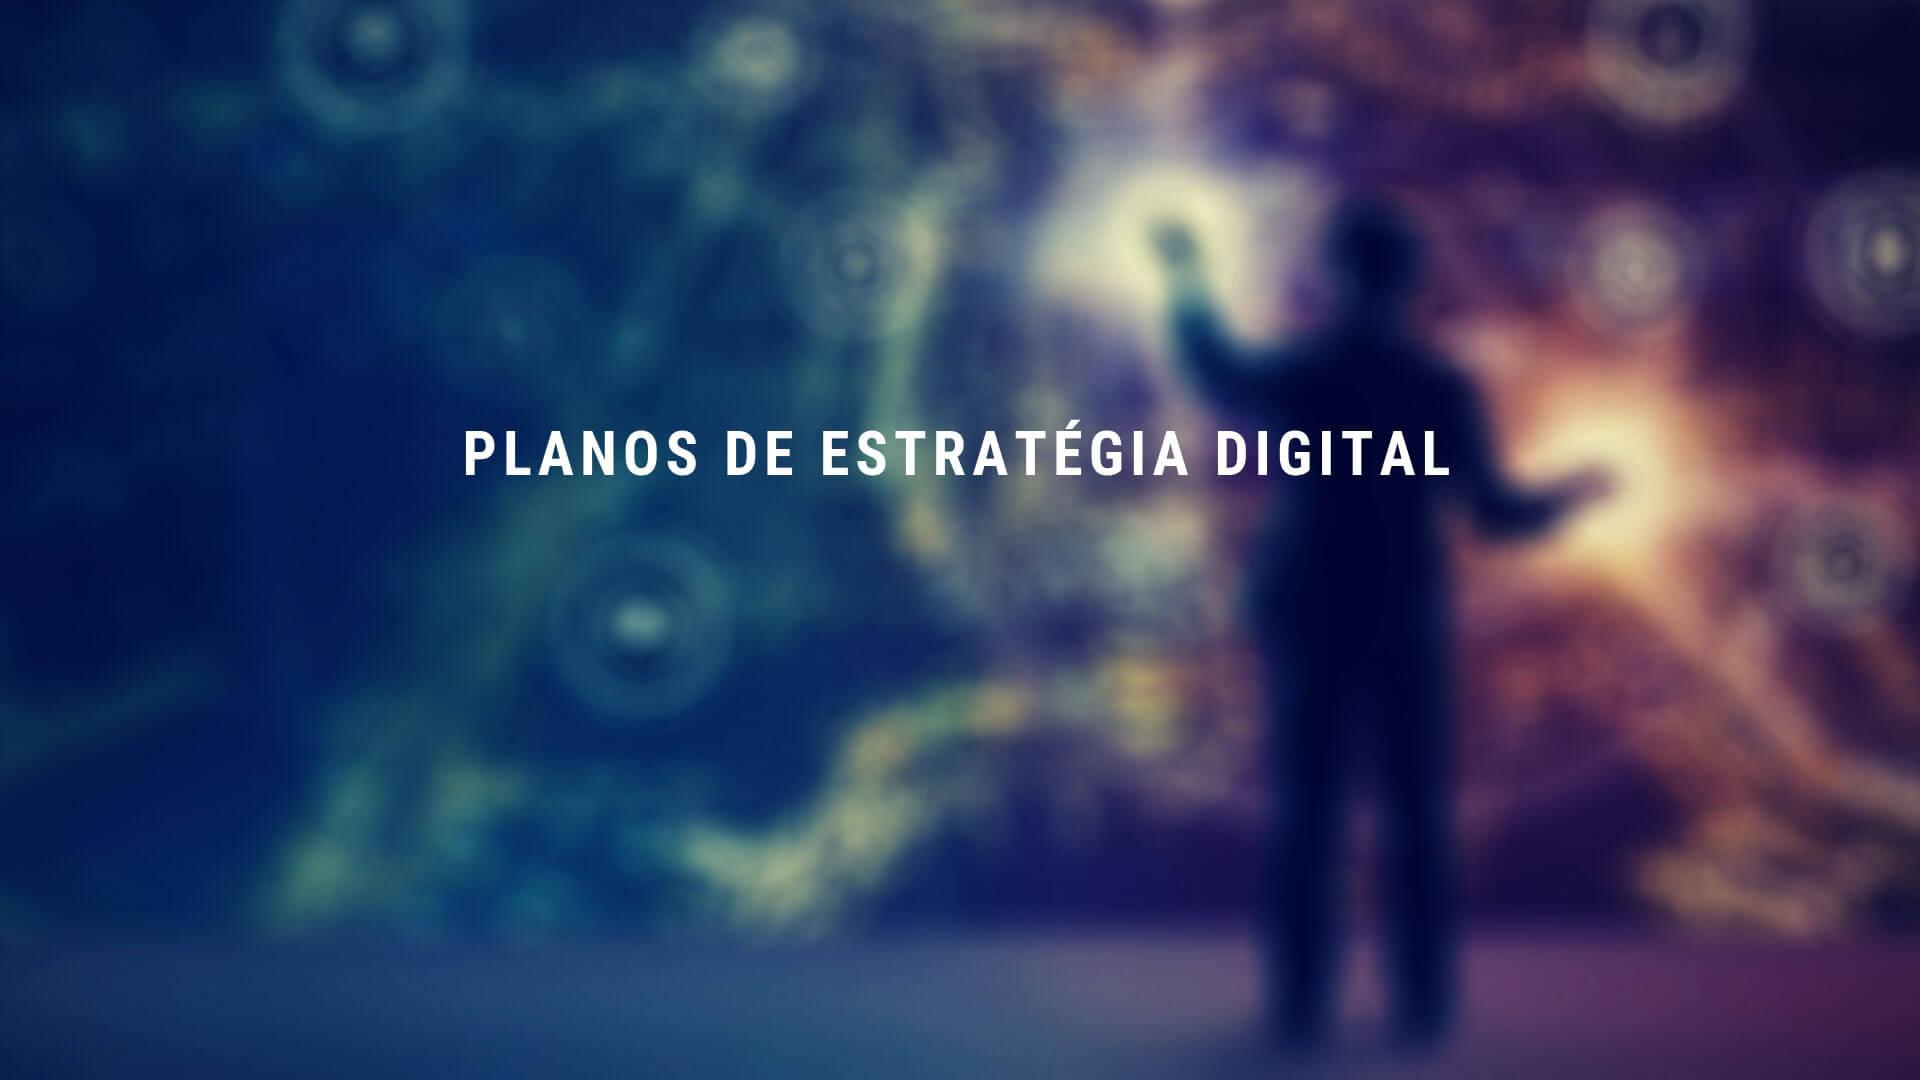 redes-estrategia-digital